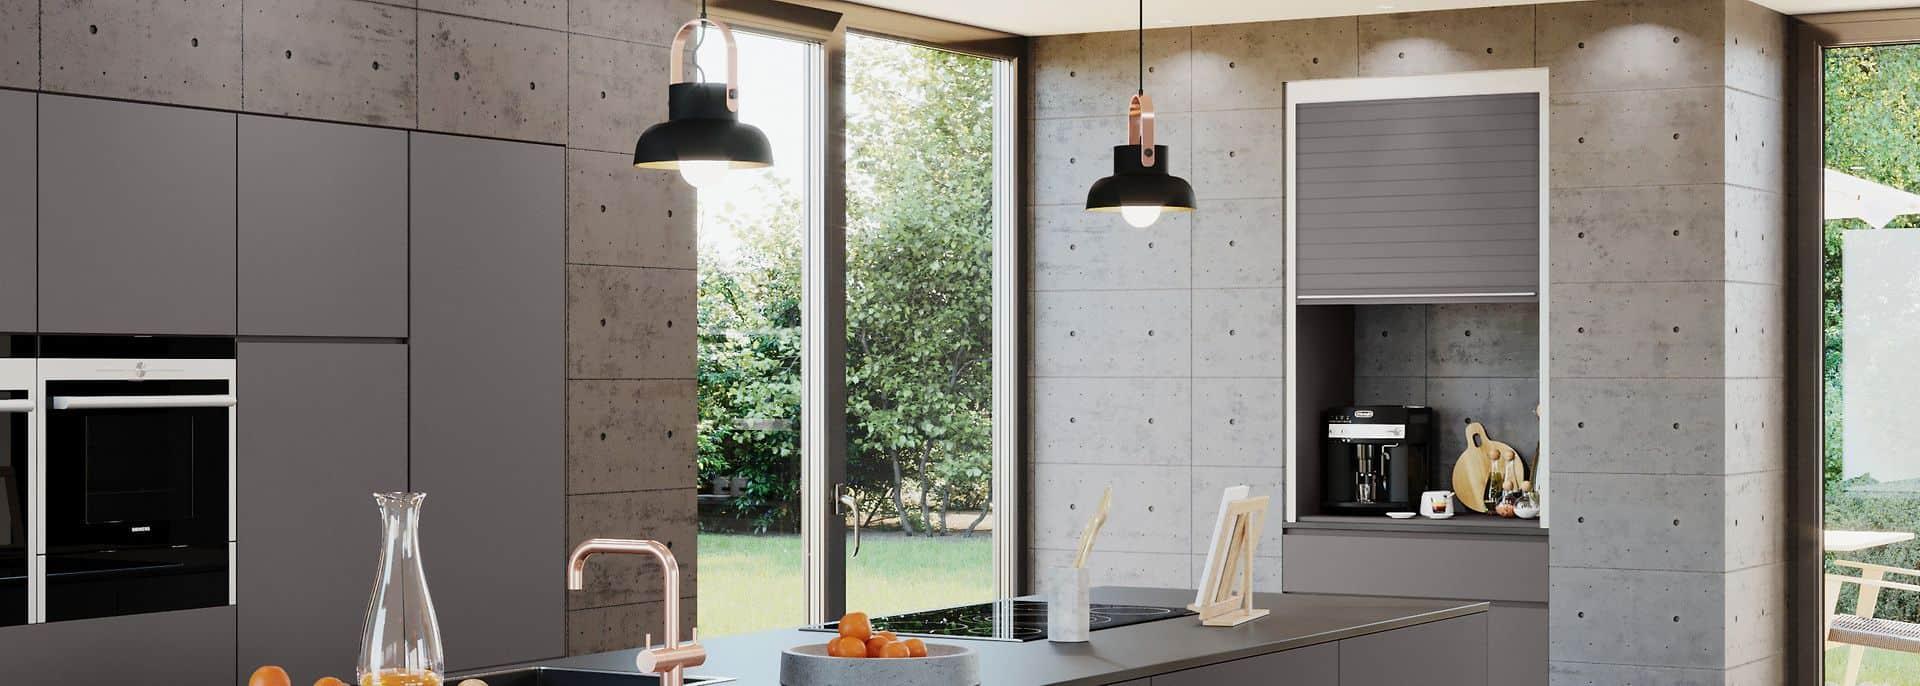 kitchen interior solutions by REHAU